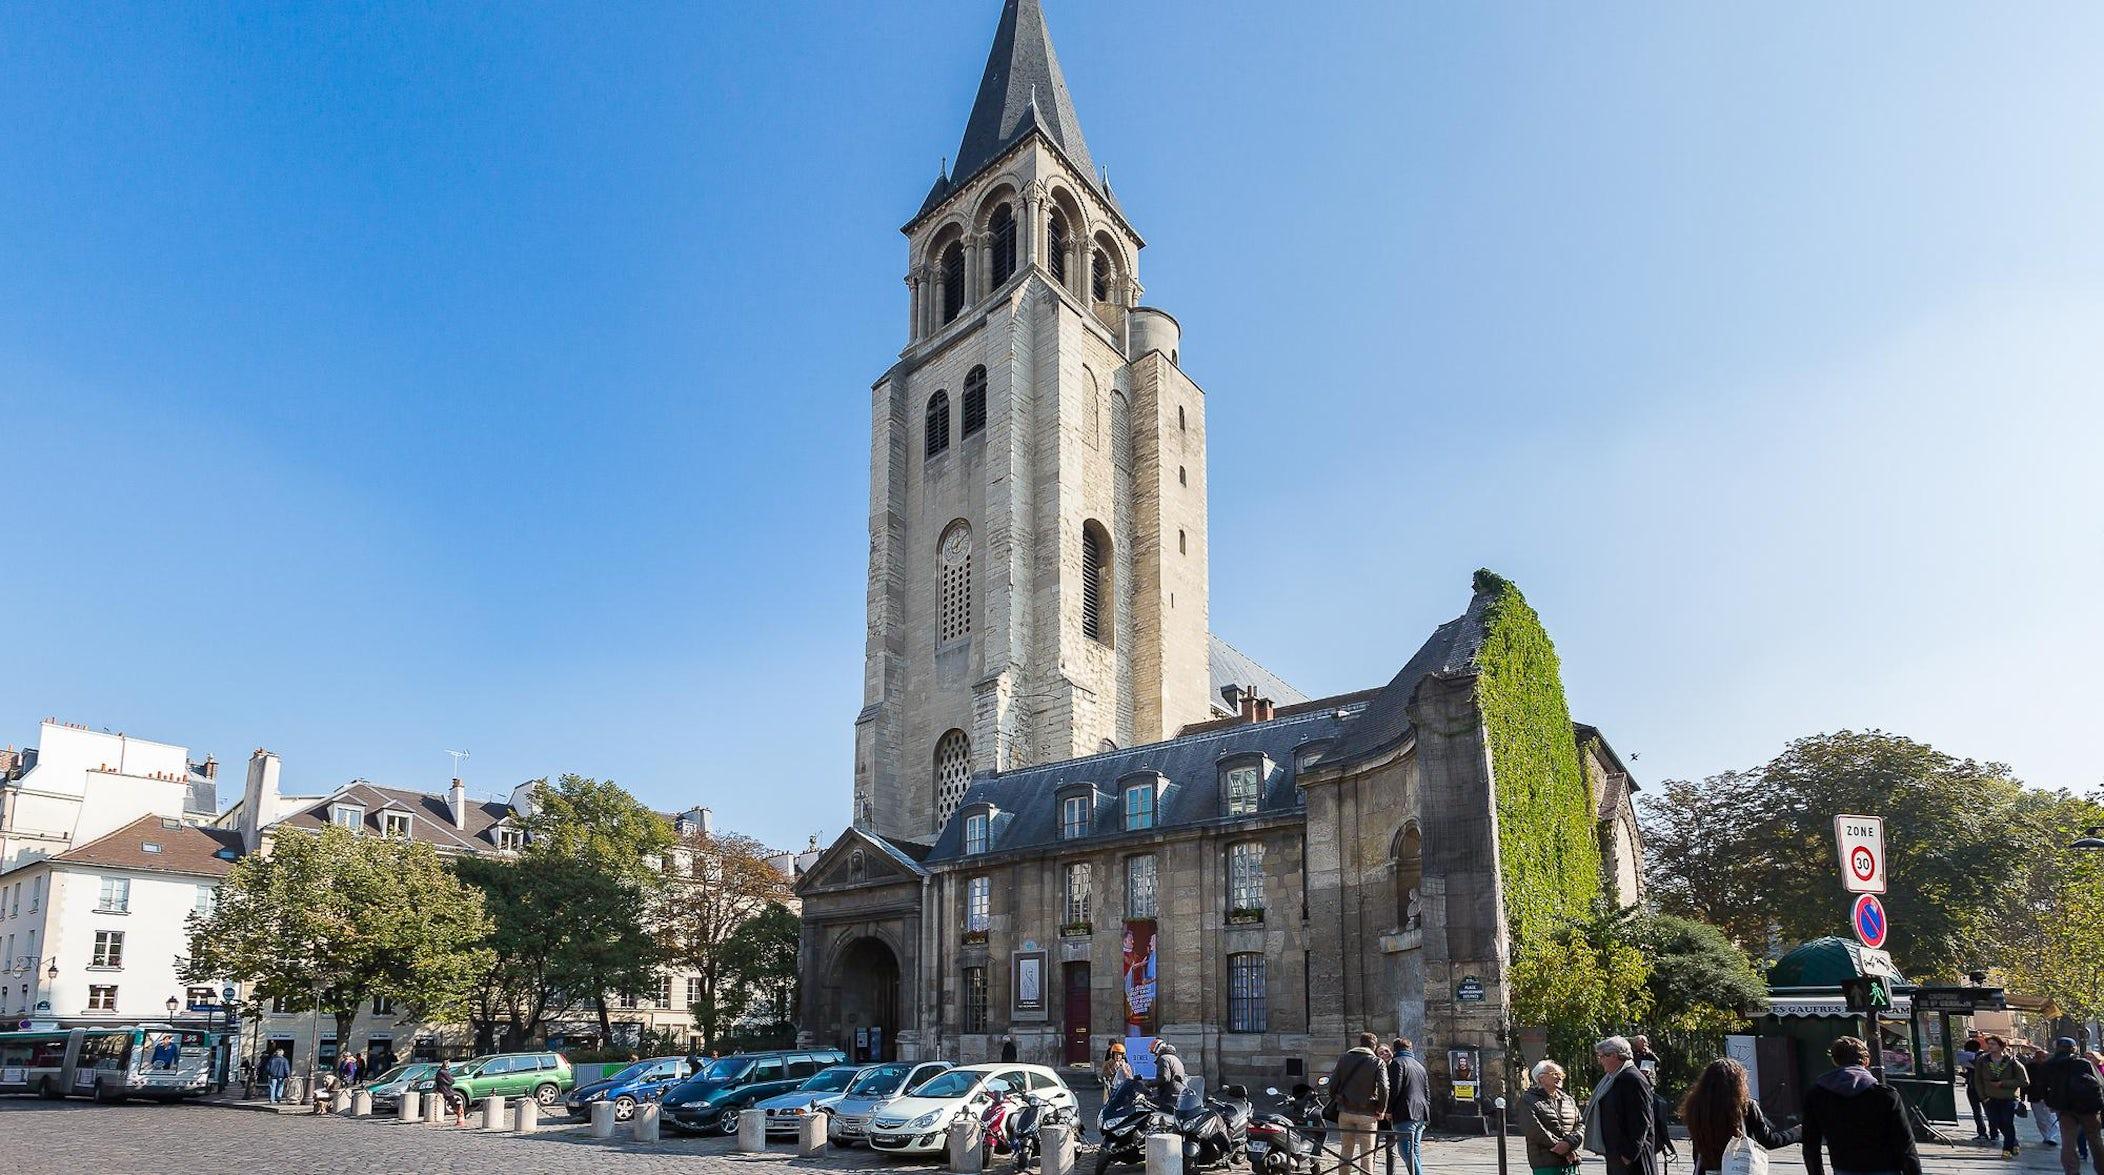 23 Rue Du Cherche Midi rue du cherche-midi v, saint germain des prés - odéon, paris